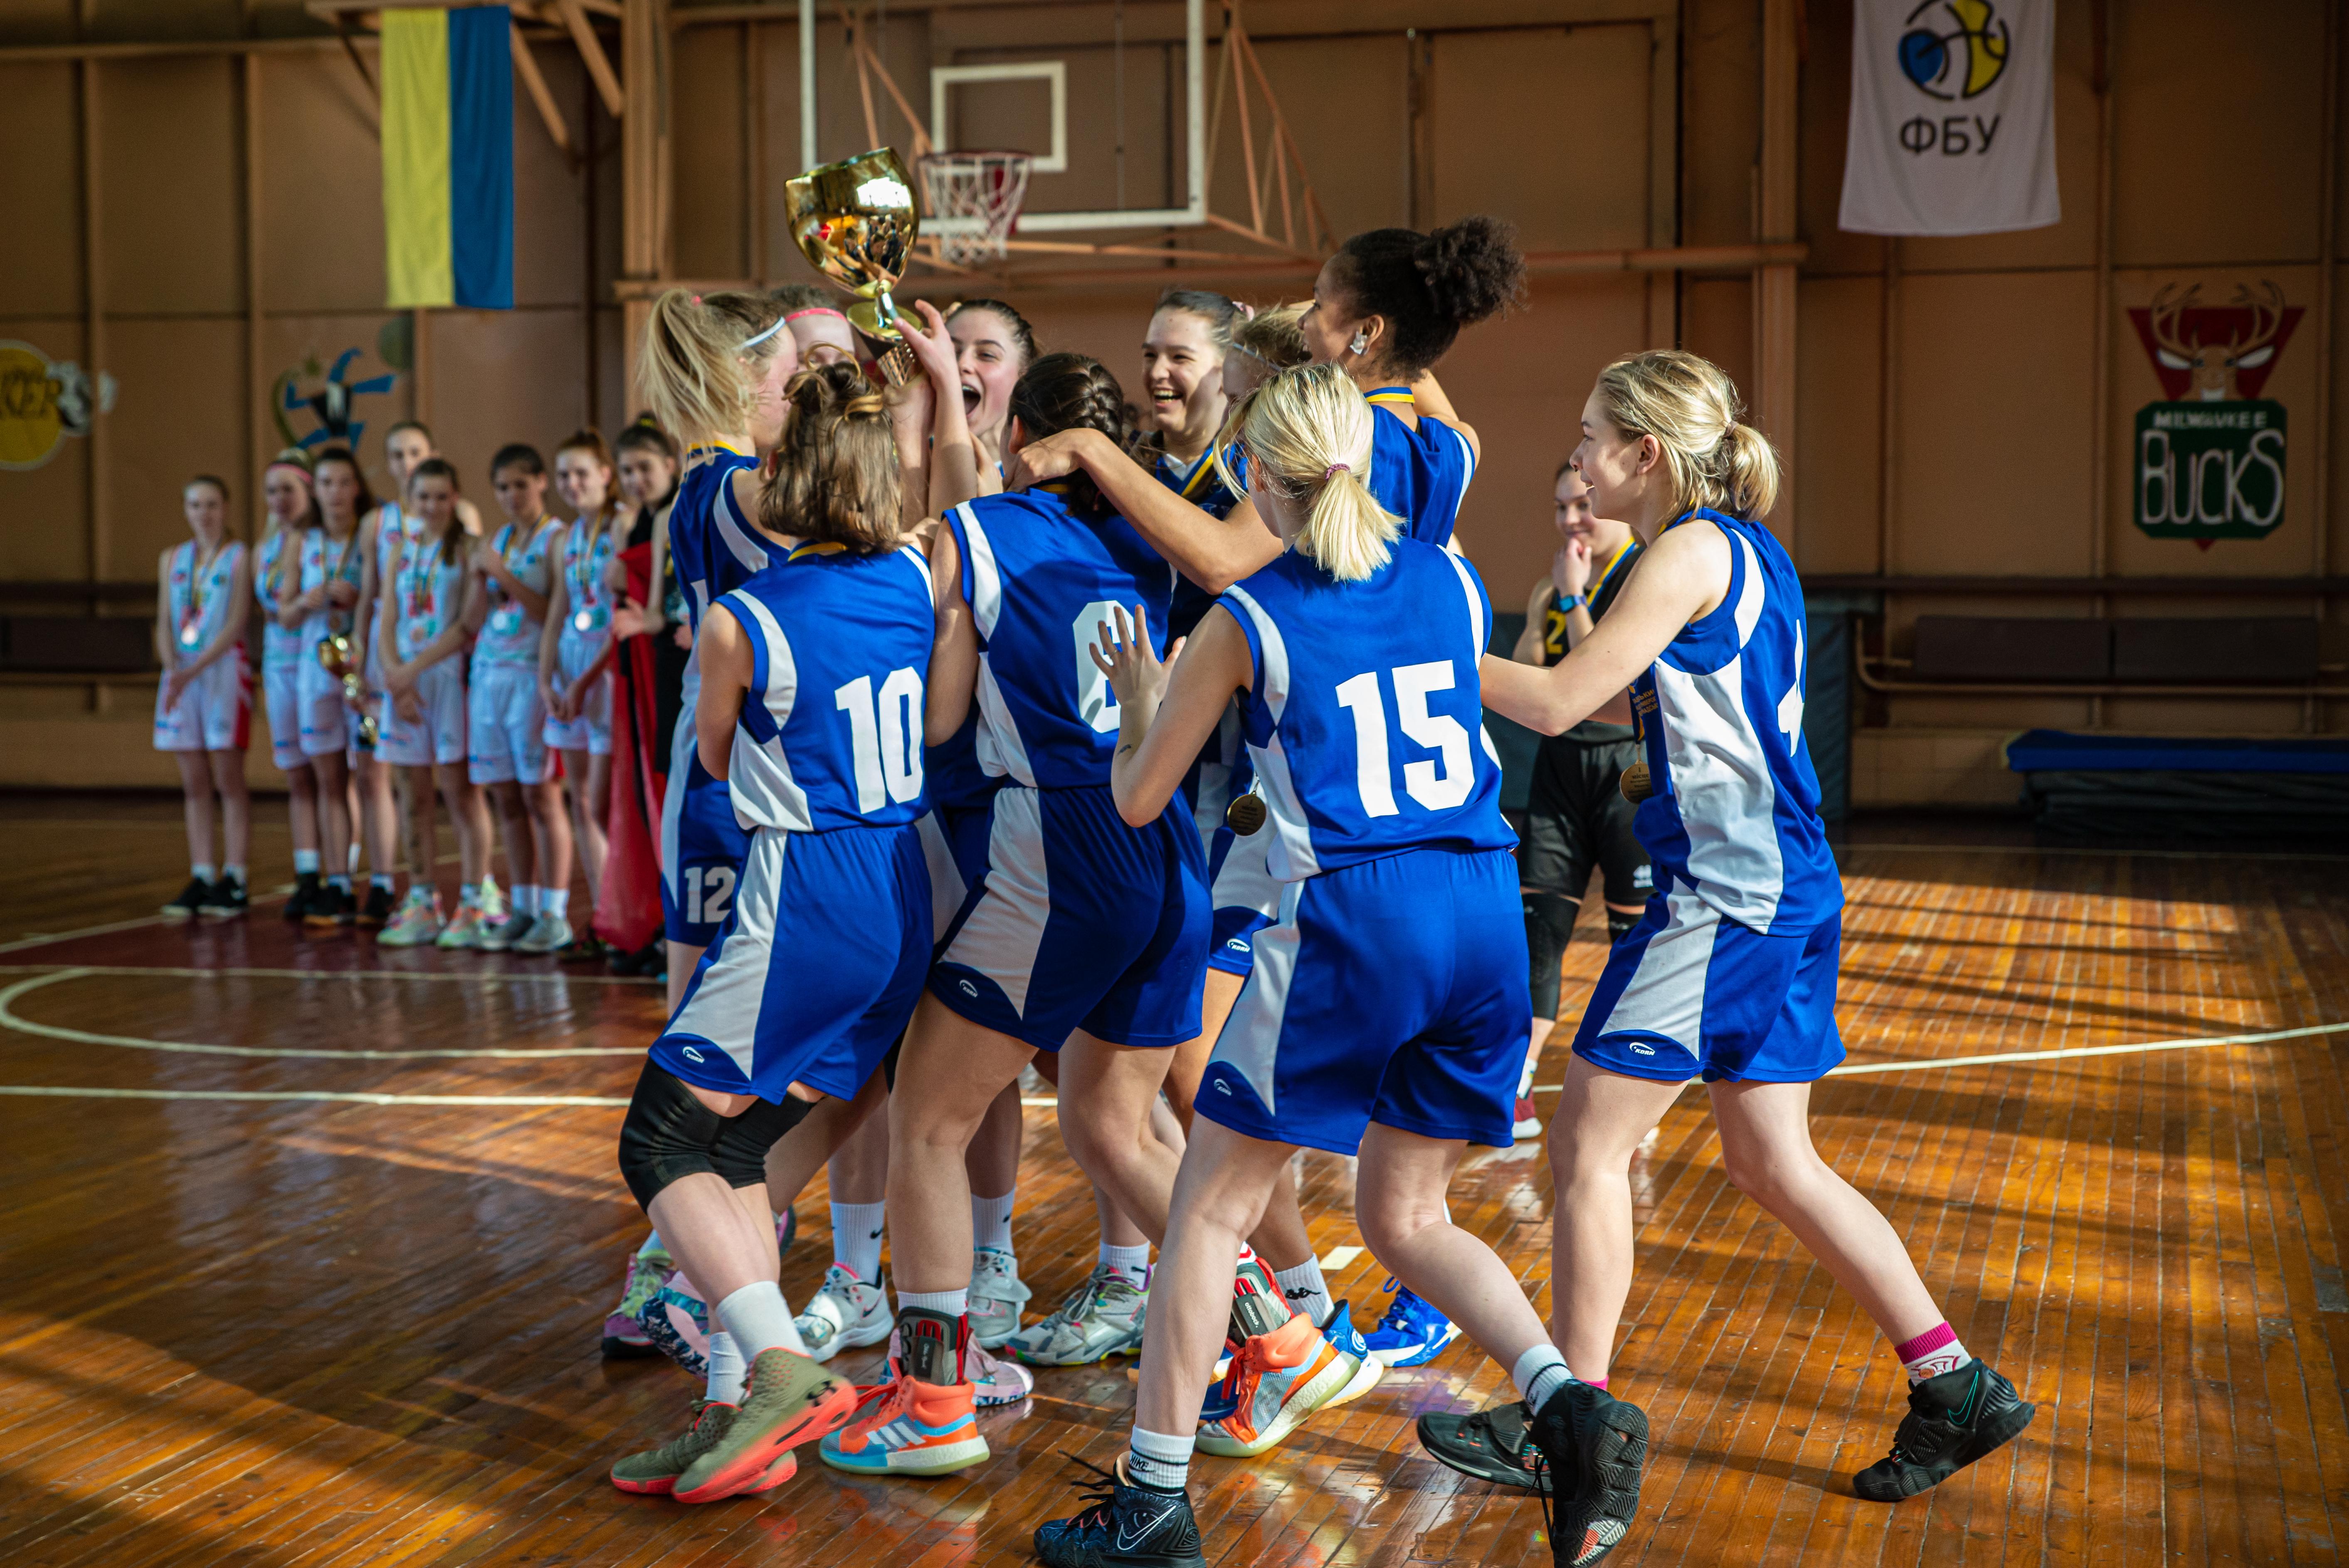 ВЮБЛ: Збірна Києва-ТНУ – чемпіон серед дівчат 2004 року народження